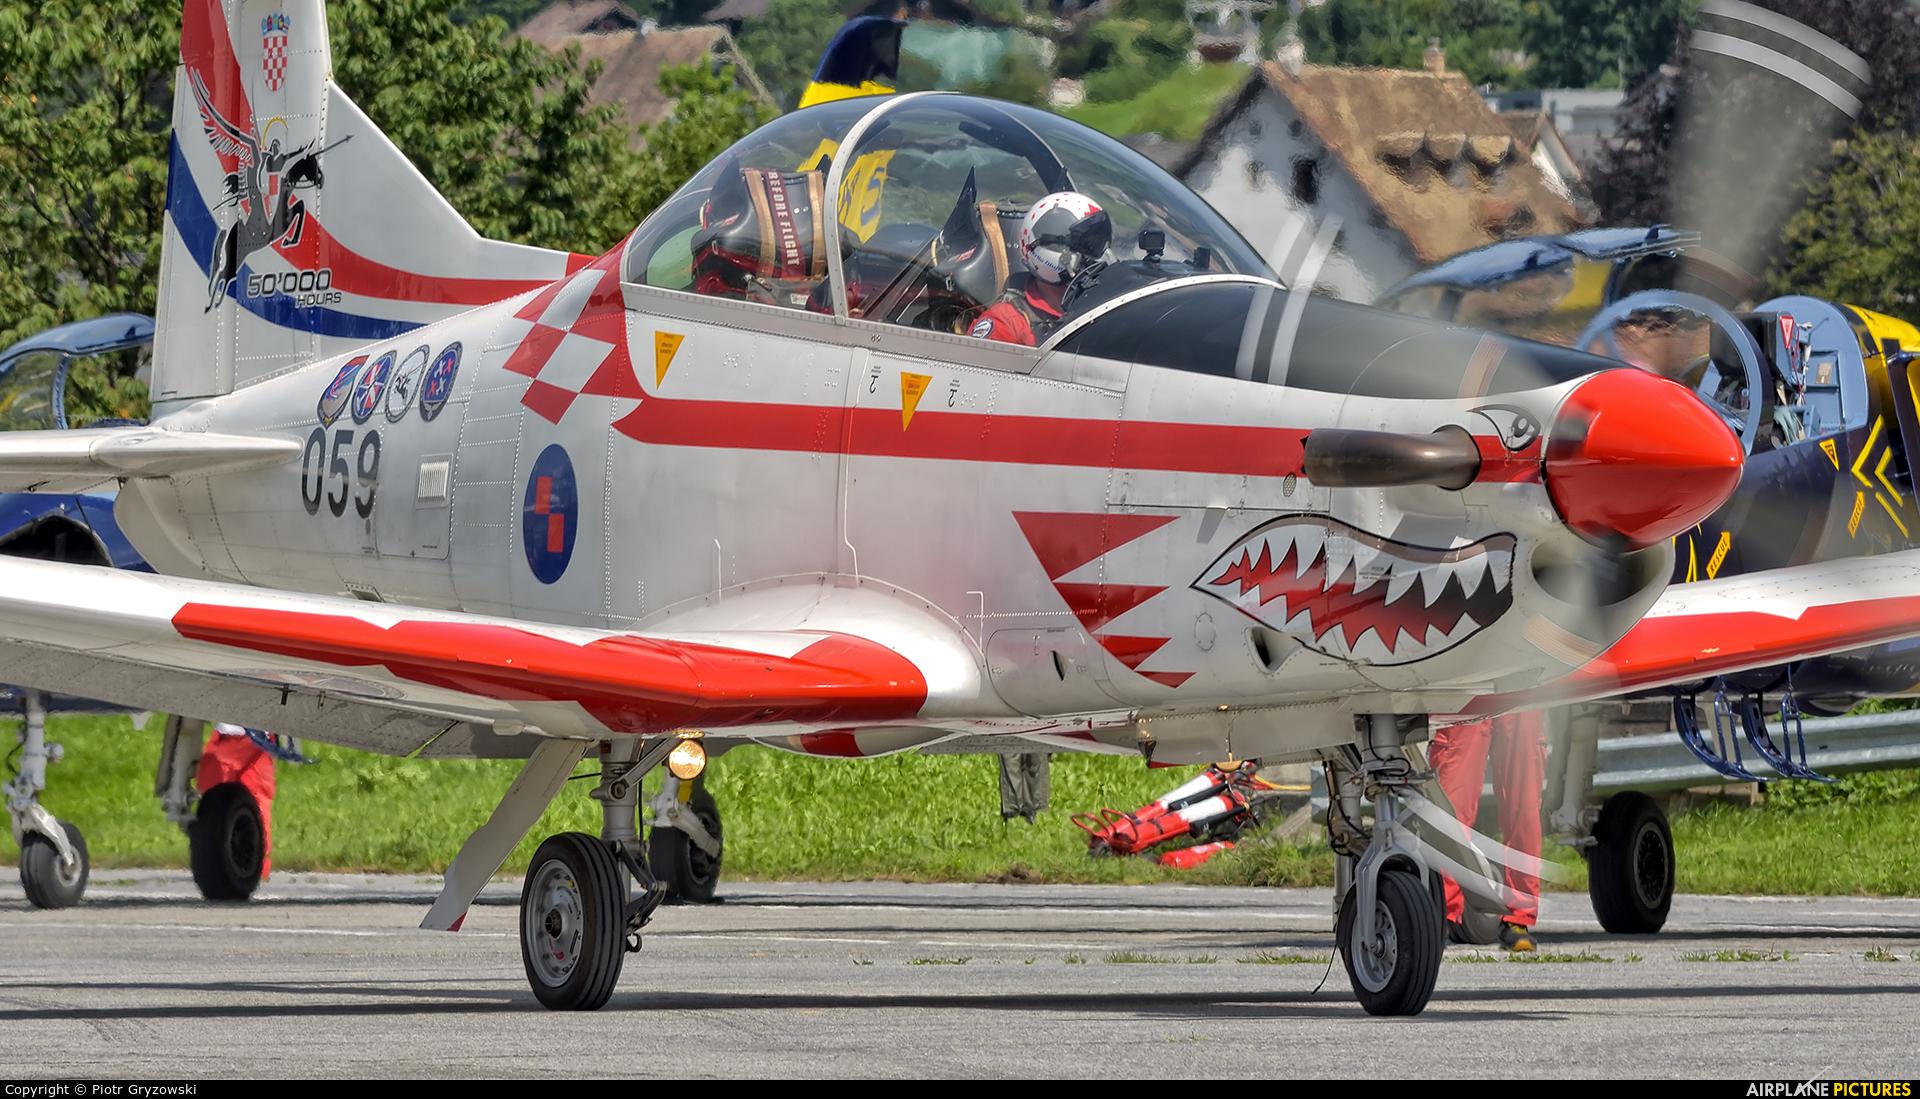 Croatia - Air Force 059 aircraft at Mollis